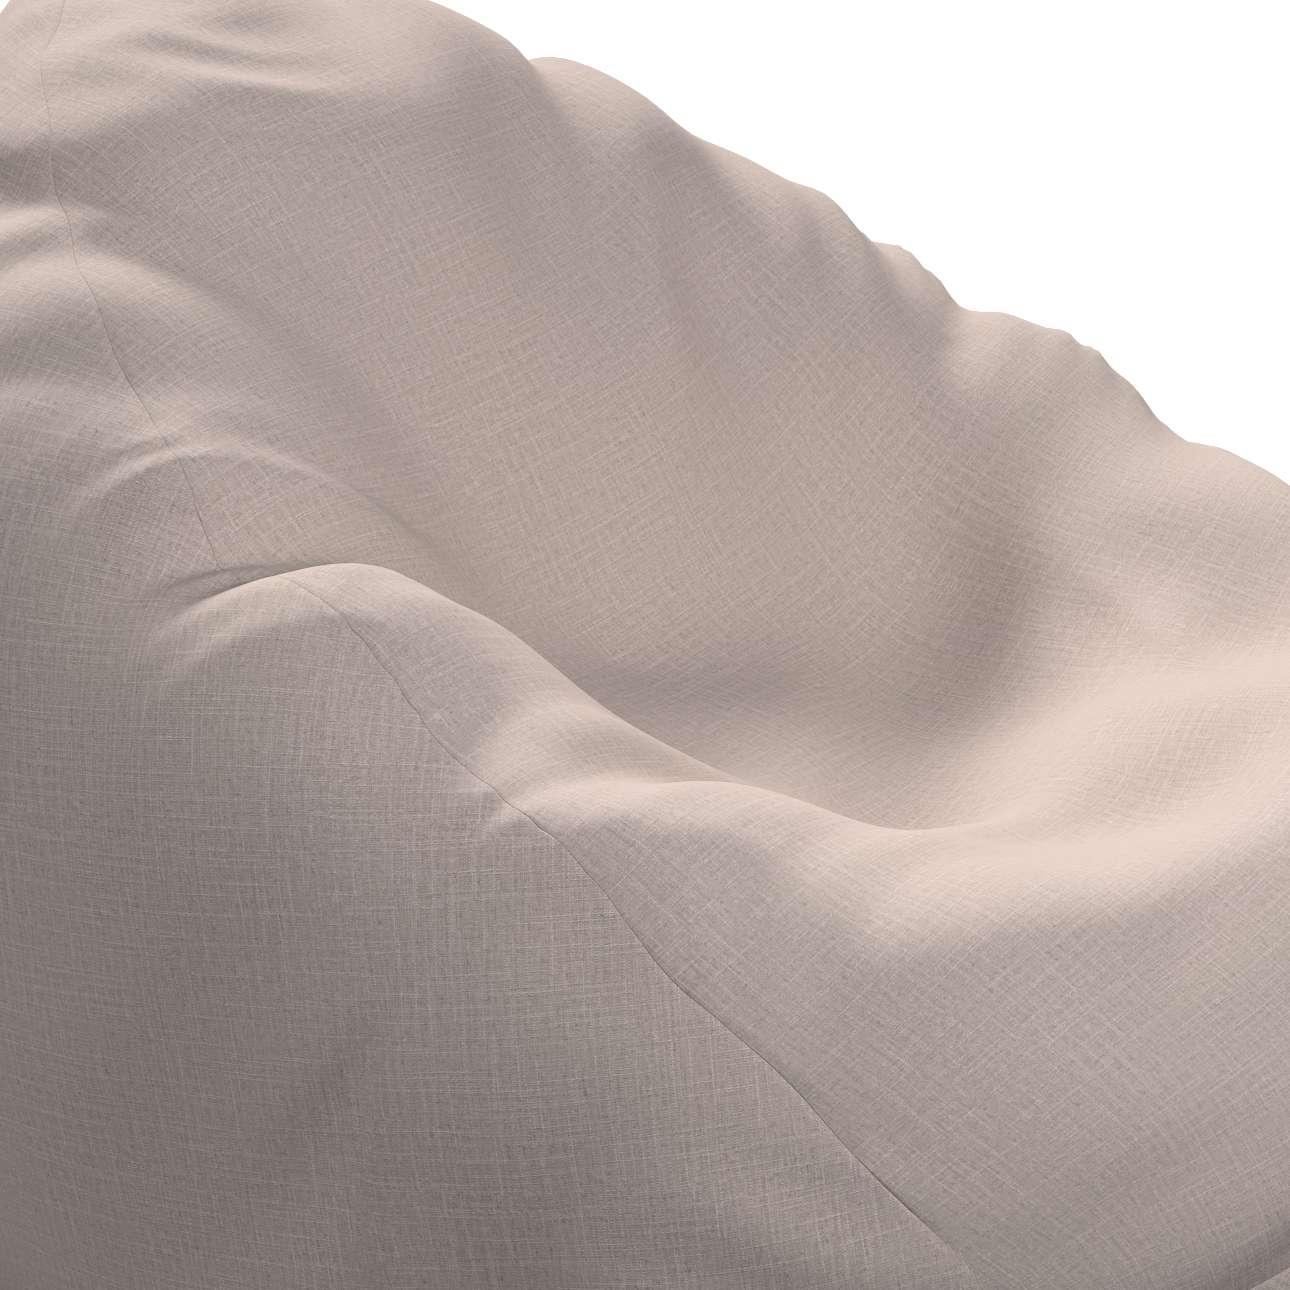 Pokrowiec na worek do siedzenia w kolekcji Living, tkanina: 160-85